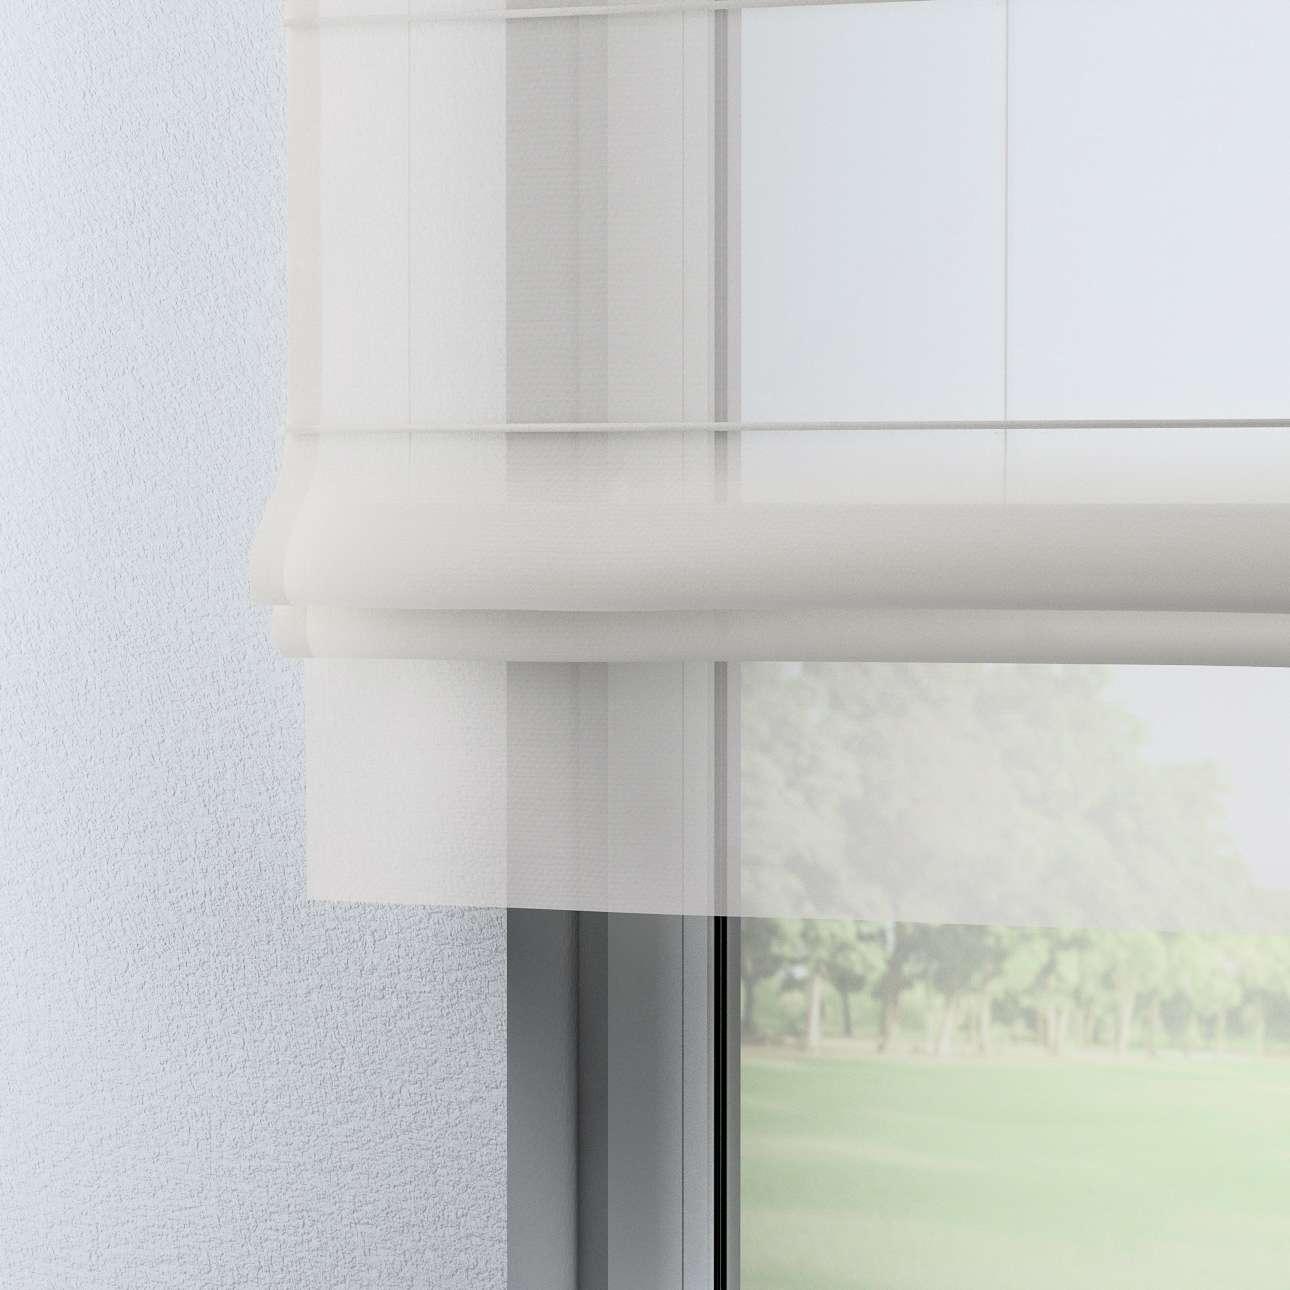 Foldegardin Bologna<br/>Med stropper og flæse til gardinstang 100 x 180 cm fra kollektionen Voile, Stof: 900-01